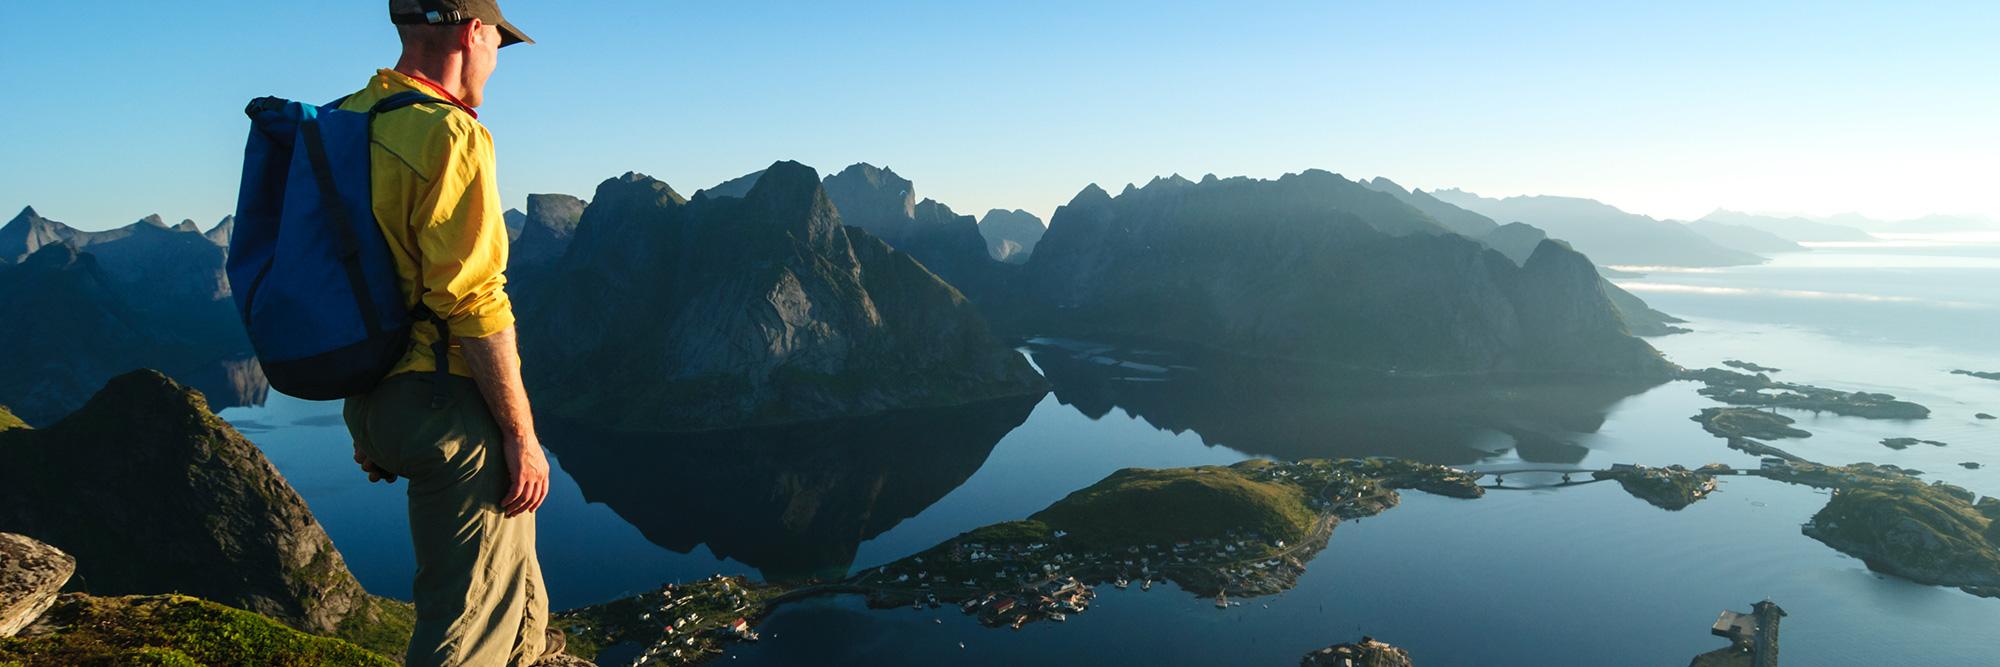 Randonnée au cœur des Lofoten